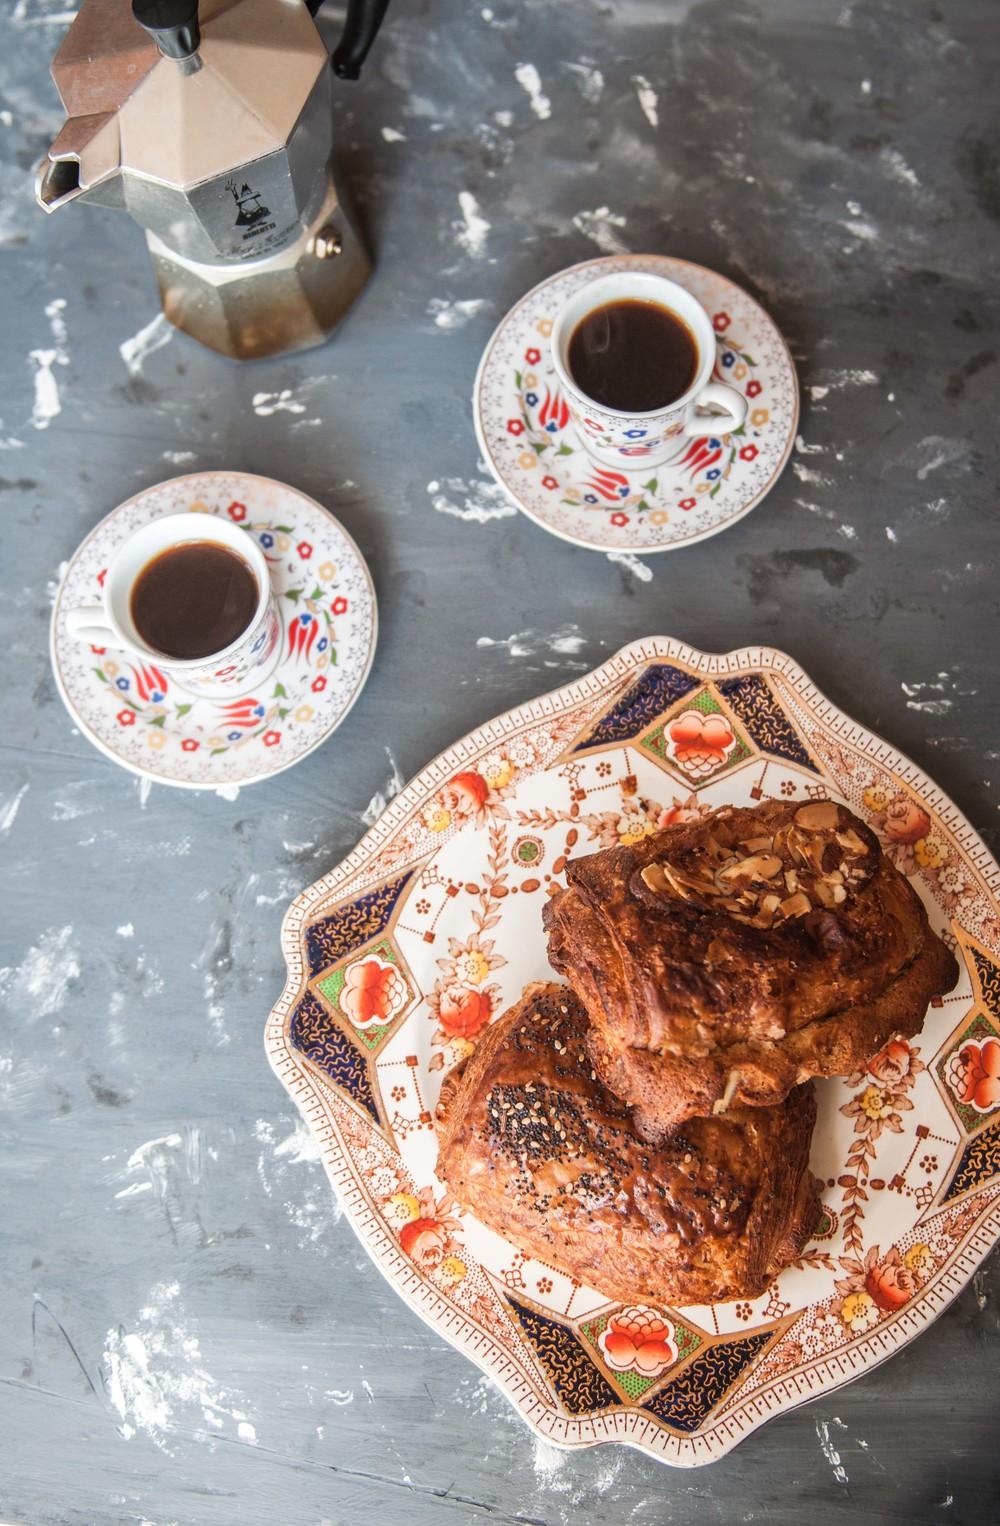 croissant + coffee